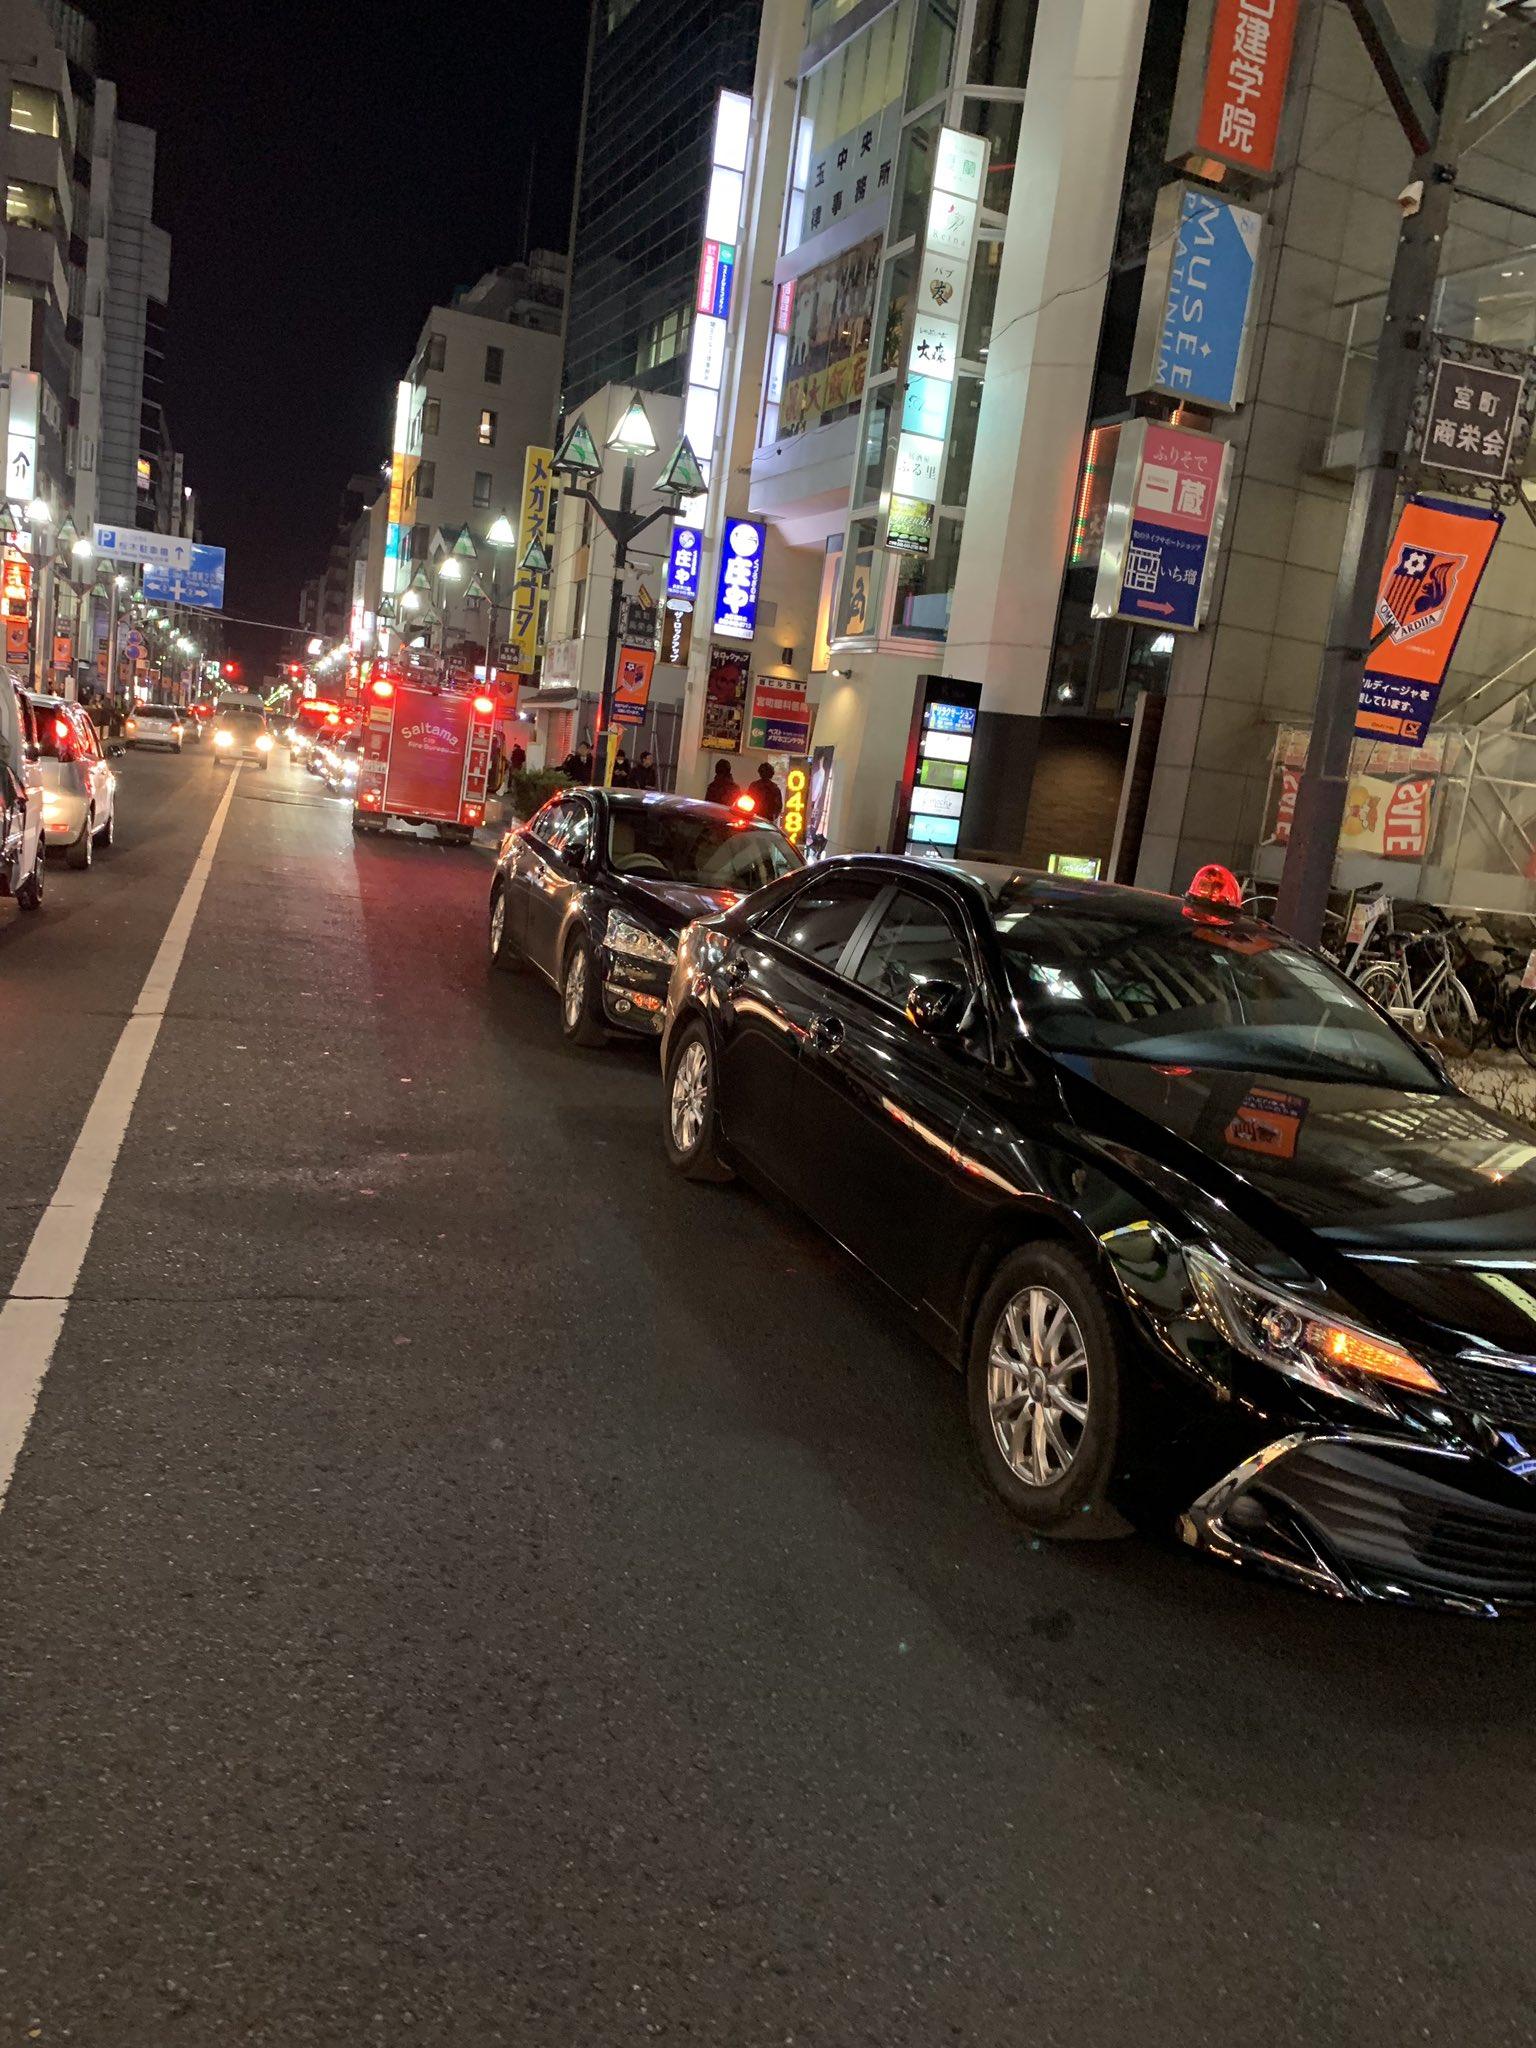 画像,パトカーがざっと見ただけでも6〜7台に消防車まで…何事!?!? https://t.co/e3ABpZYVrA。